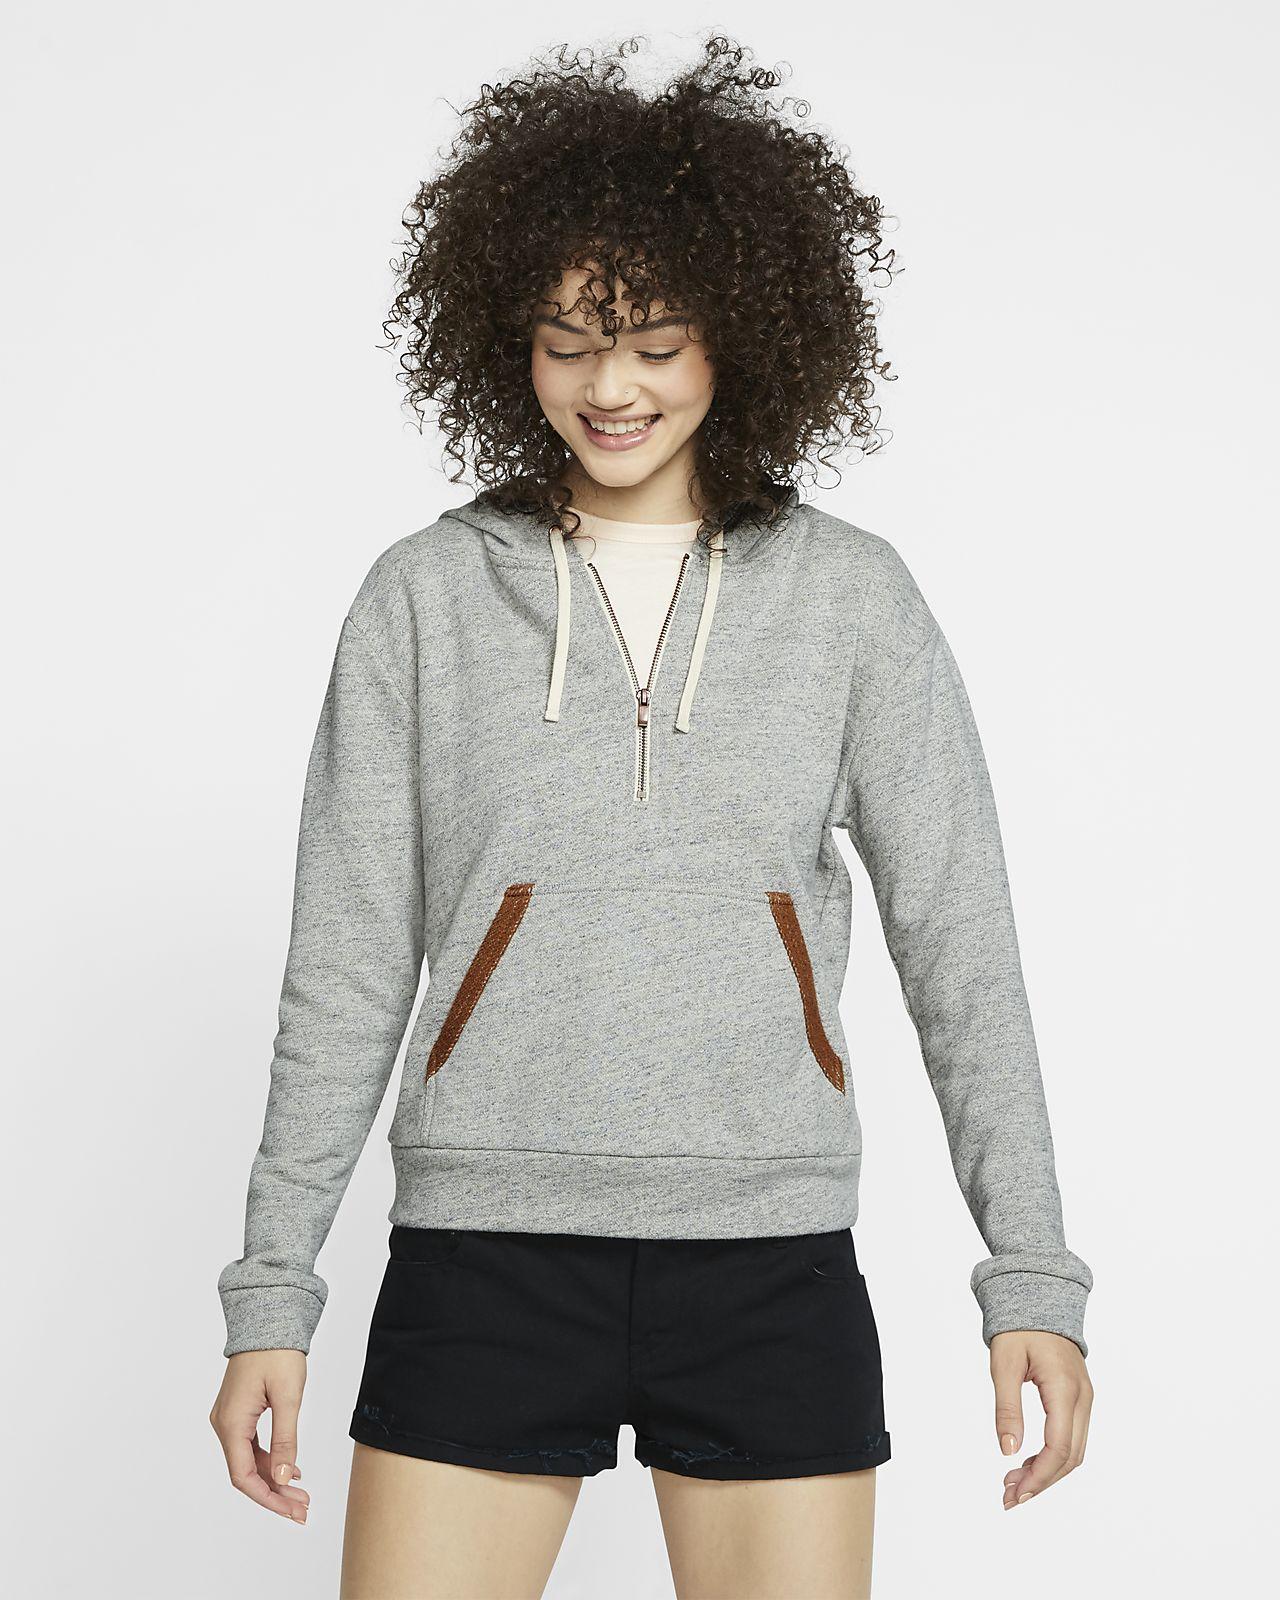 Hurley Two Faced Women's 1/2-Zip Fleece Top